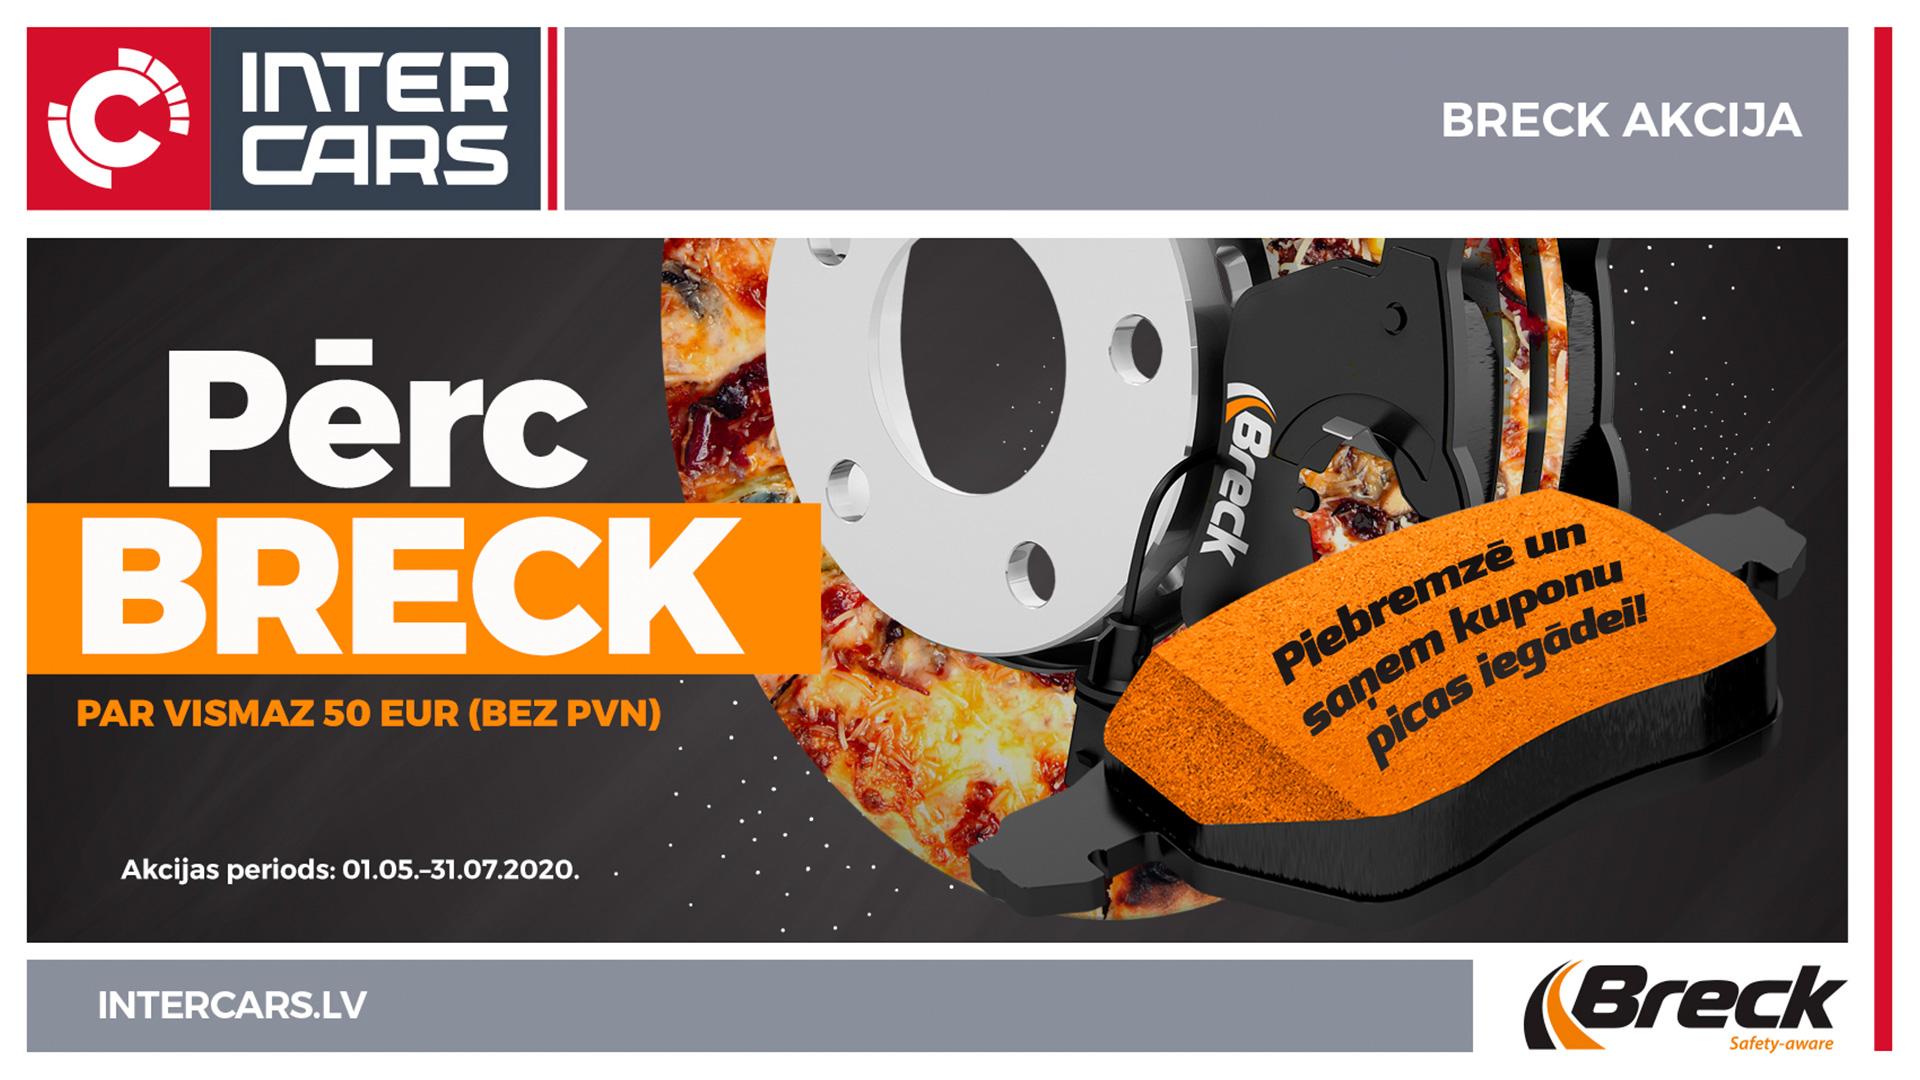 breck-akcija-mai2020-CRM-B.jpg